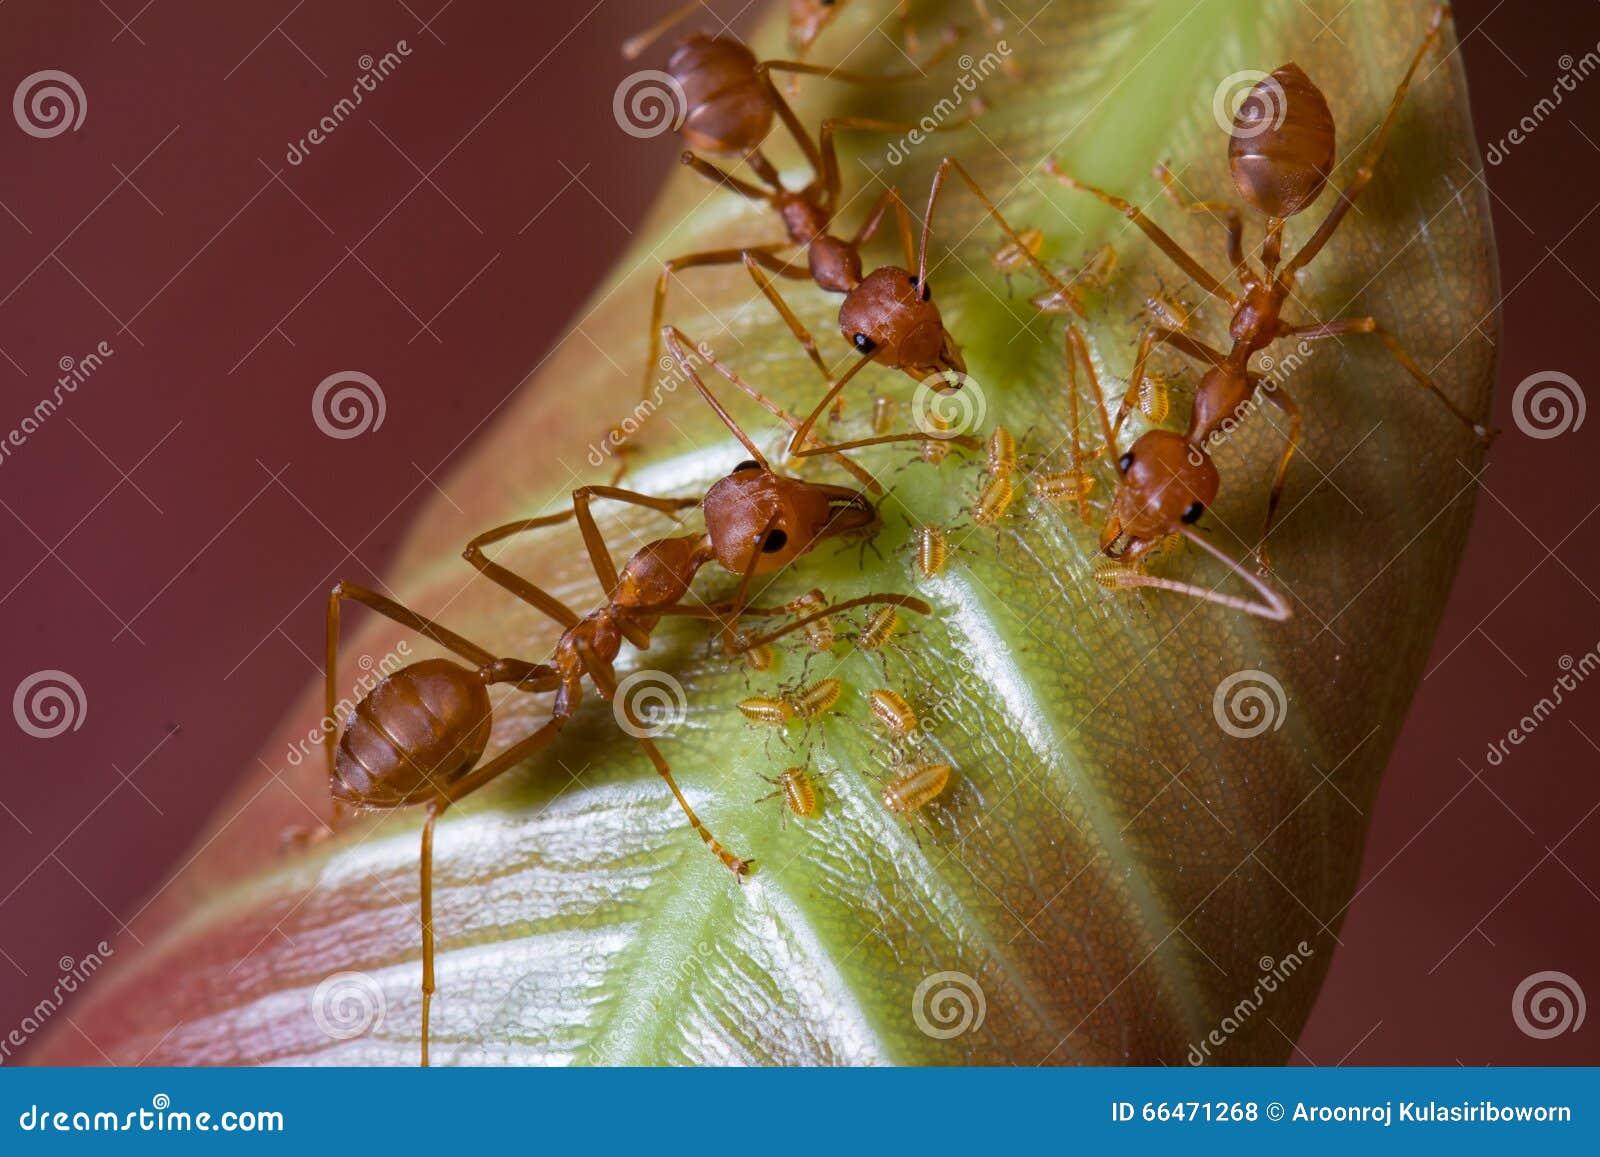 Красные муравьи и тли на лист